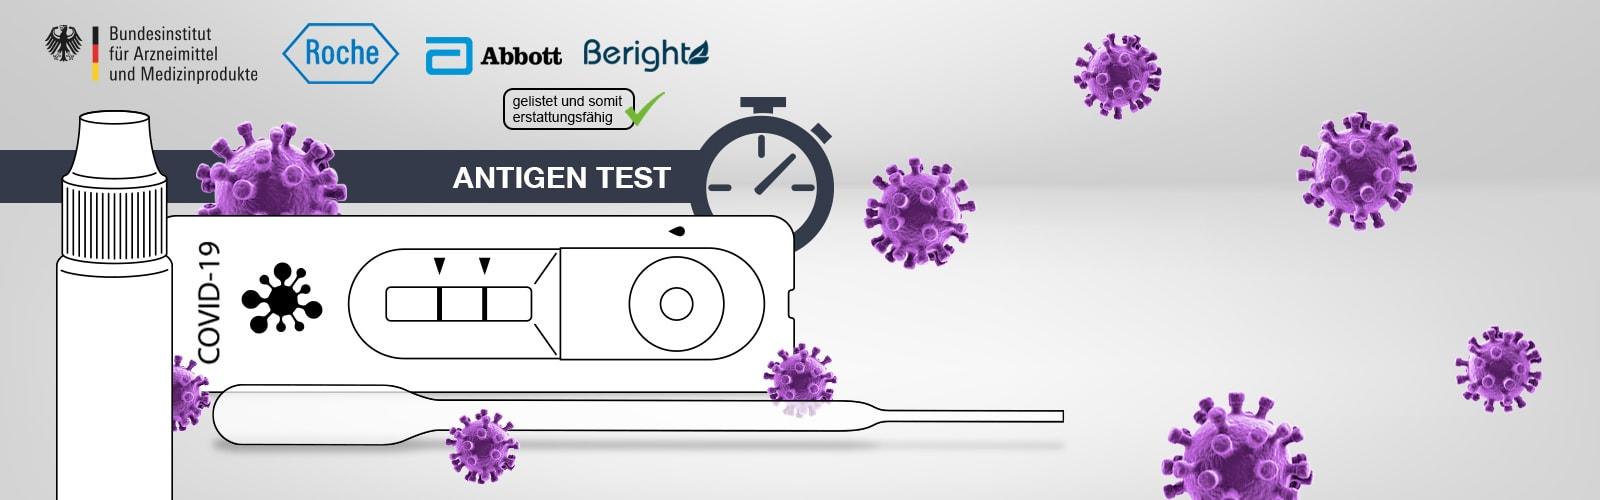 Corona-Antigen-Tests im Vergleich